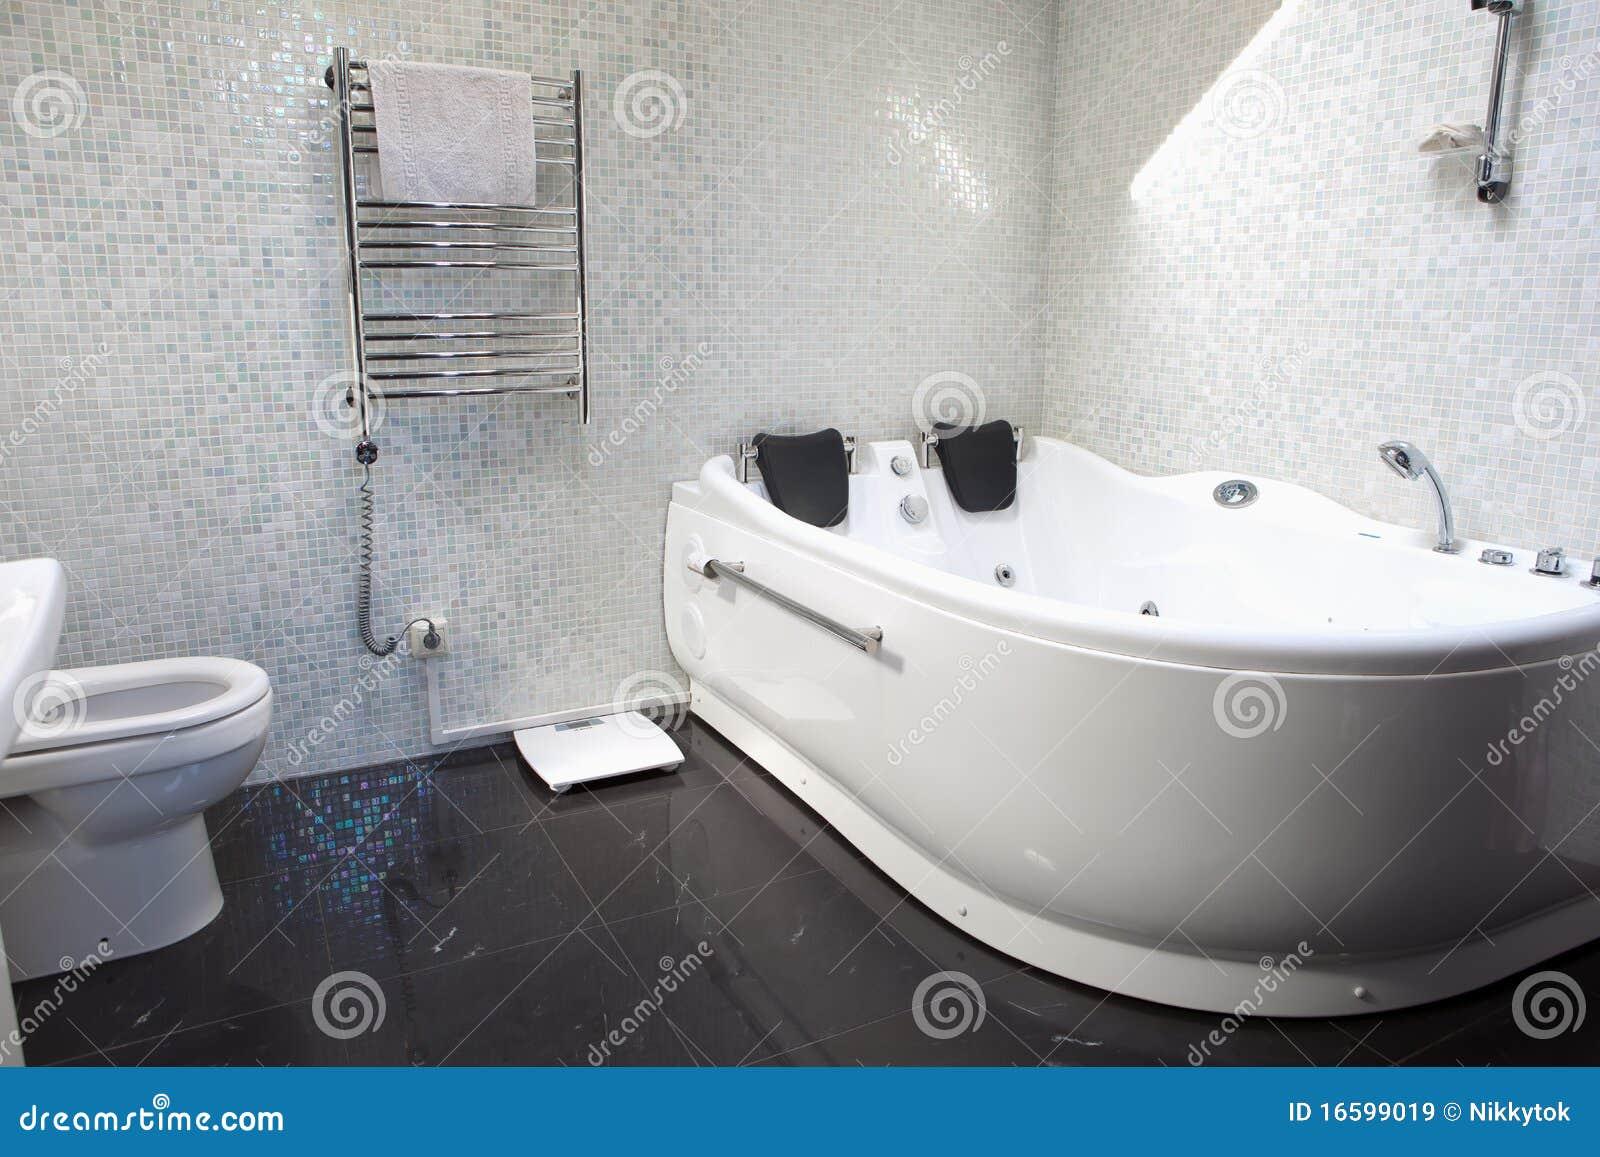 Luxury bathroom stock image. Image of luxurious, double - 16599019